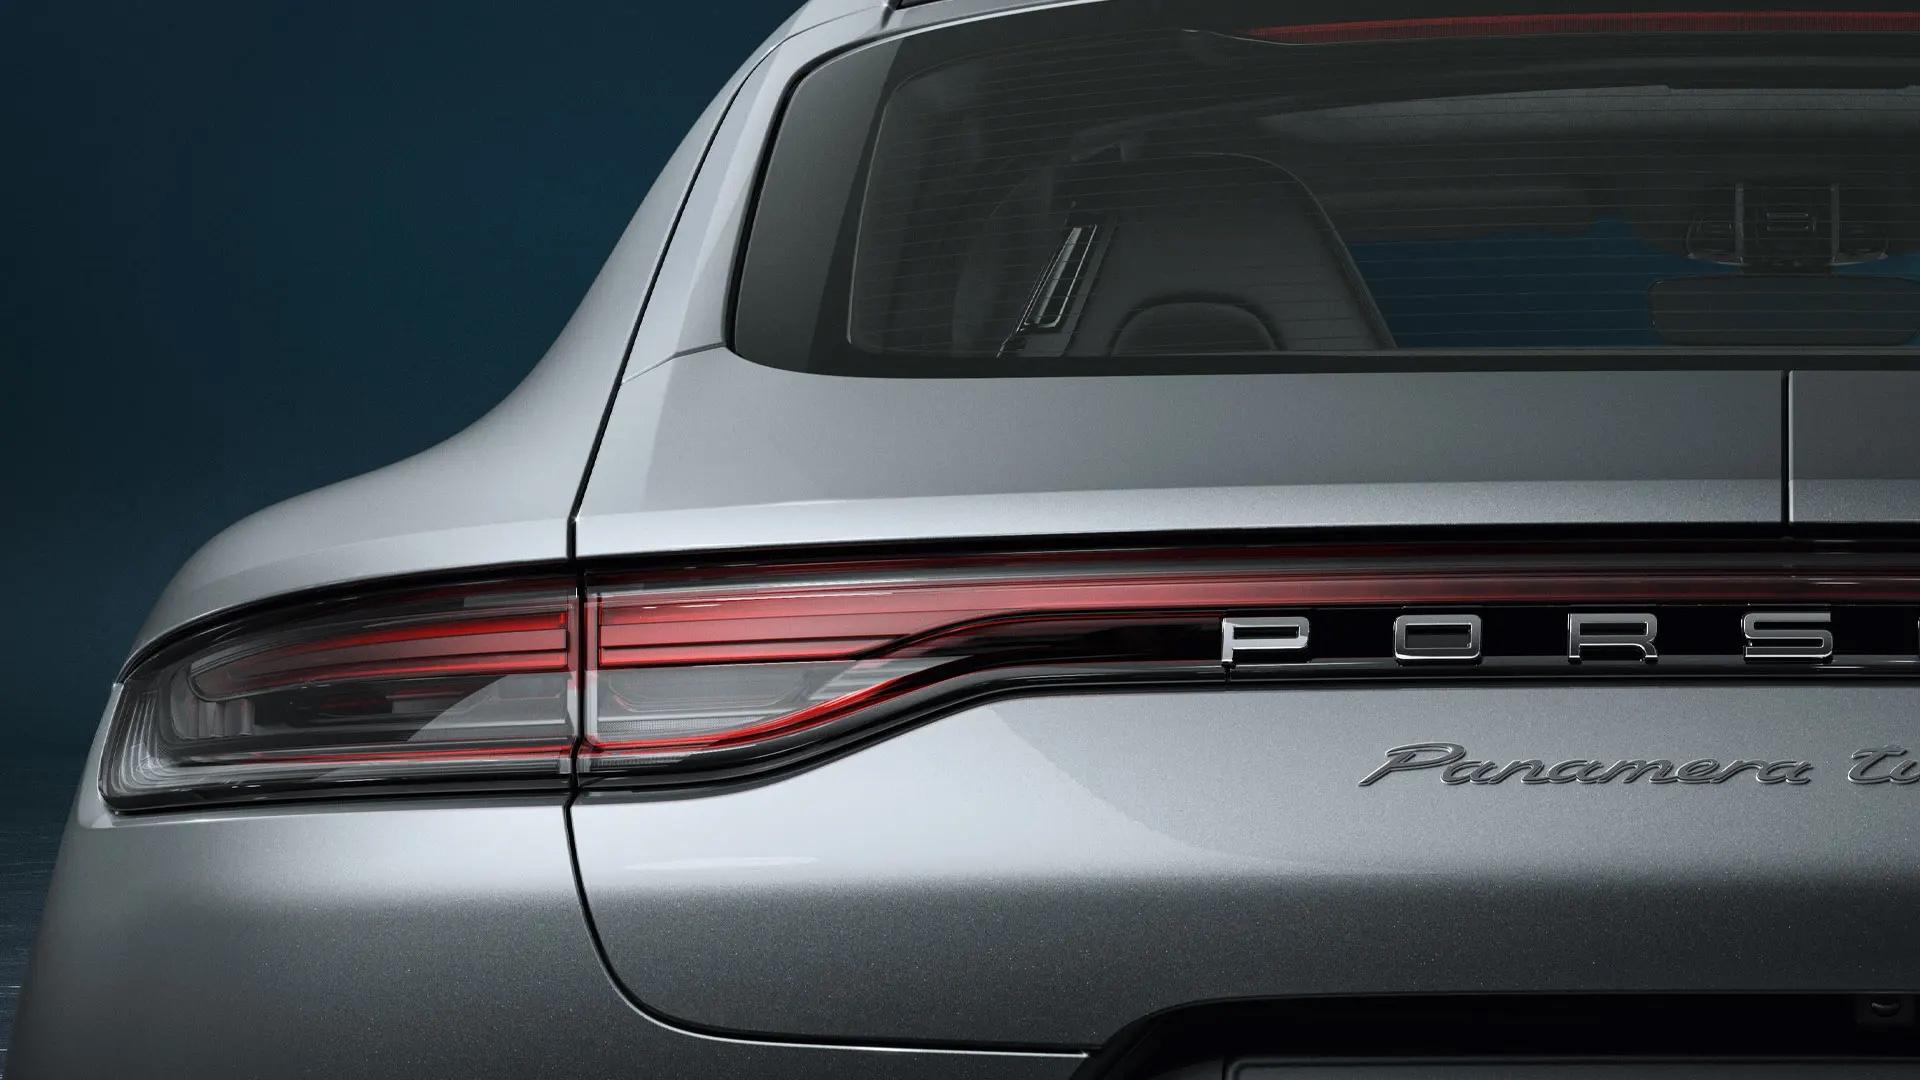 Porsche Panamera takaapäin.